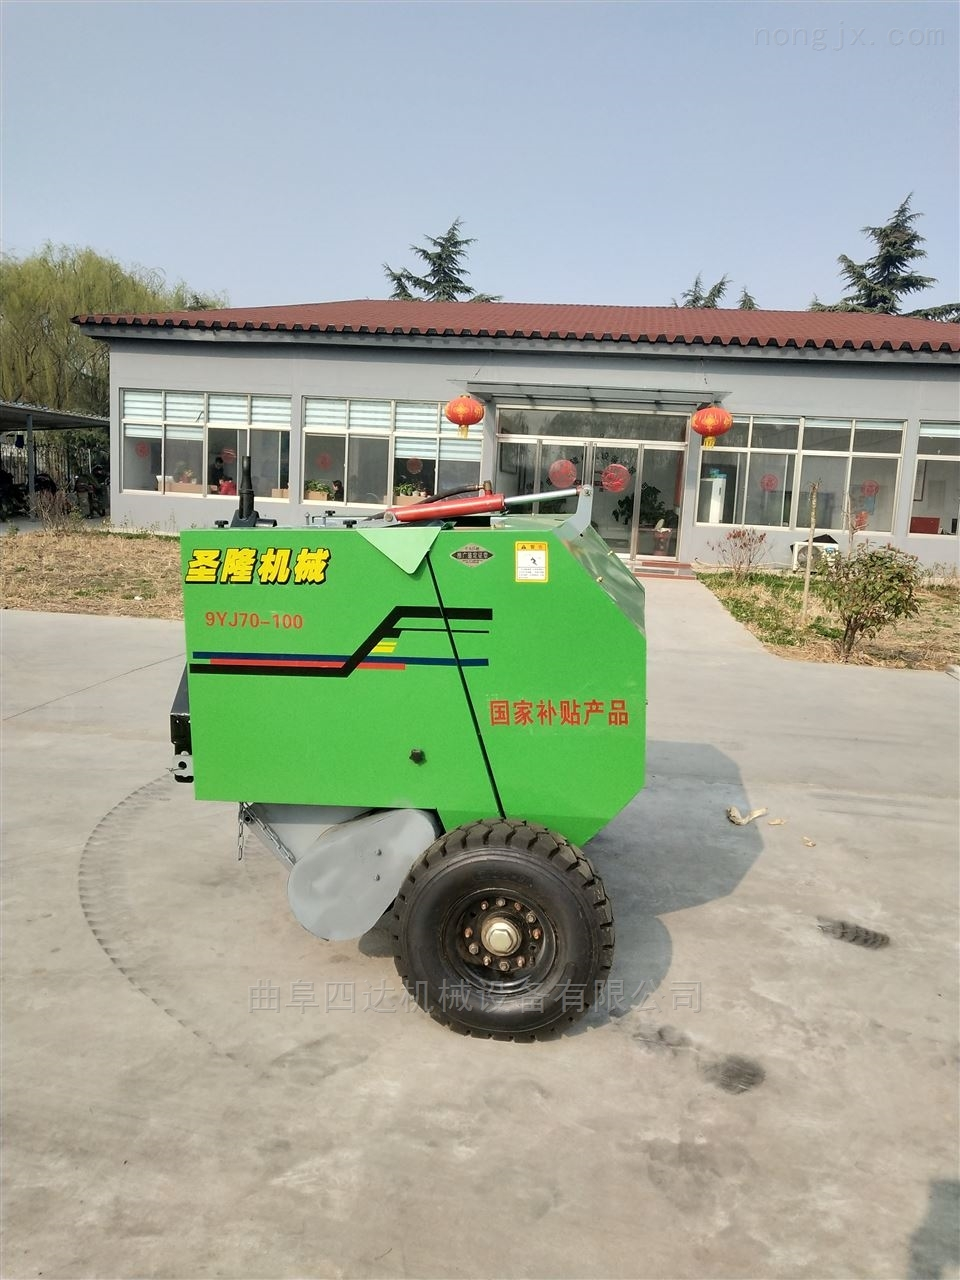 小型拖拉机带的小麦秆打捆机